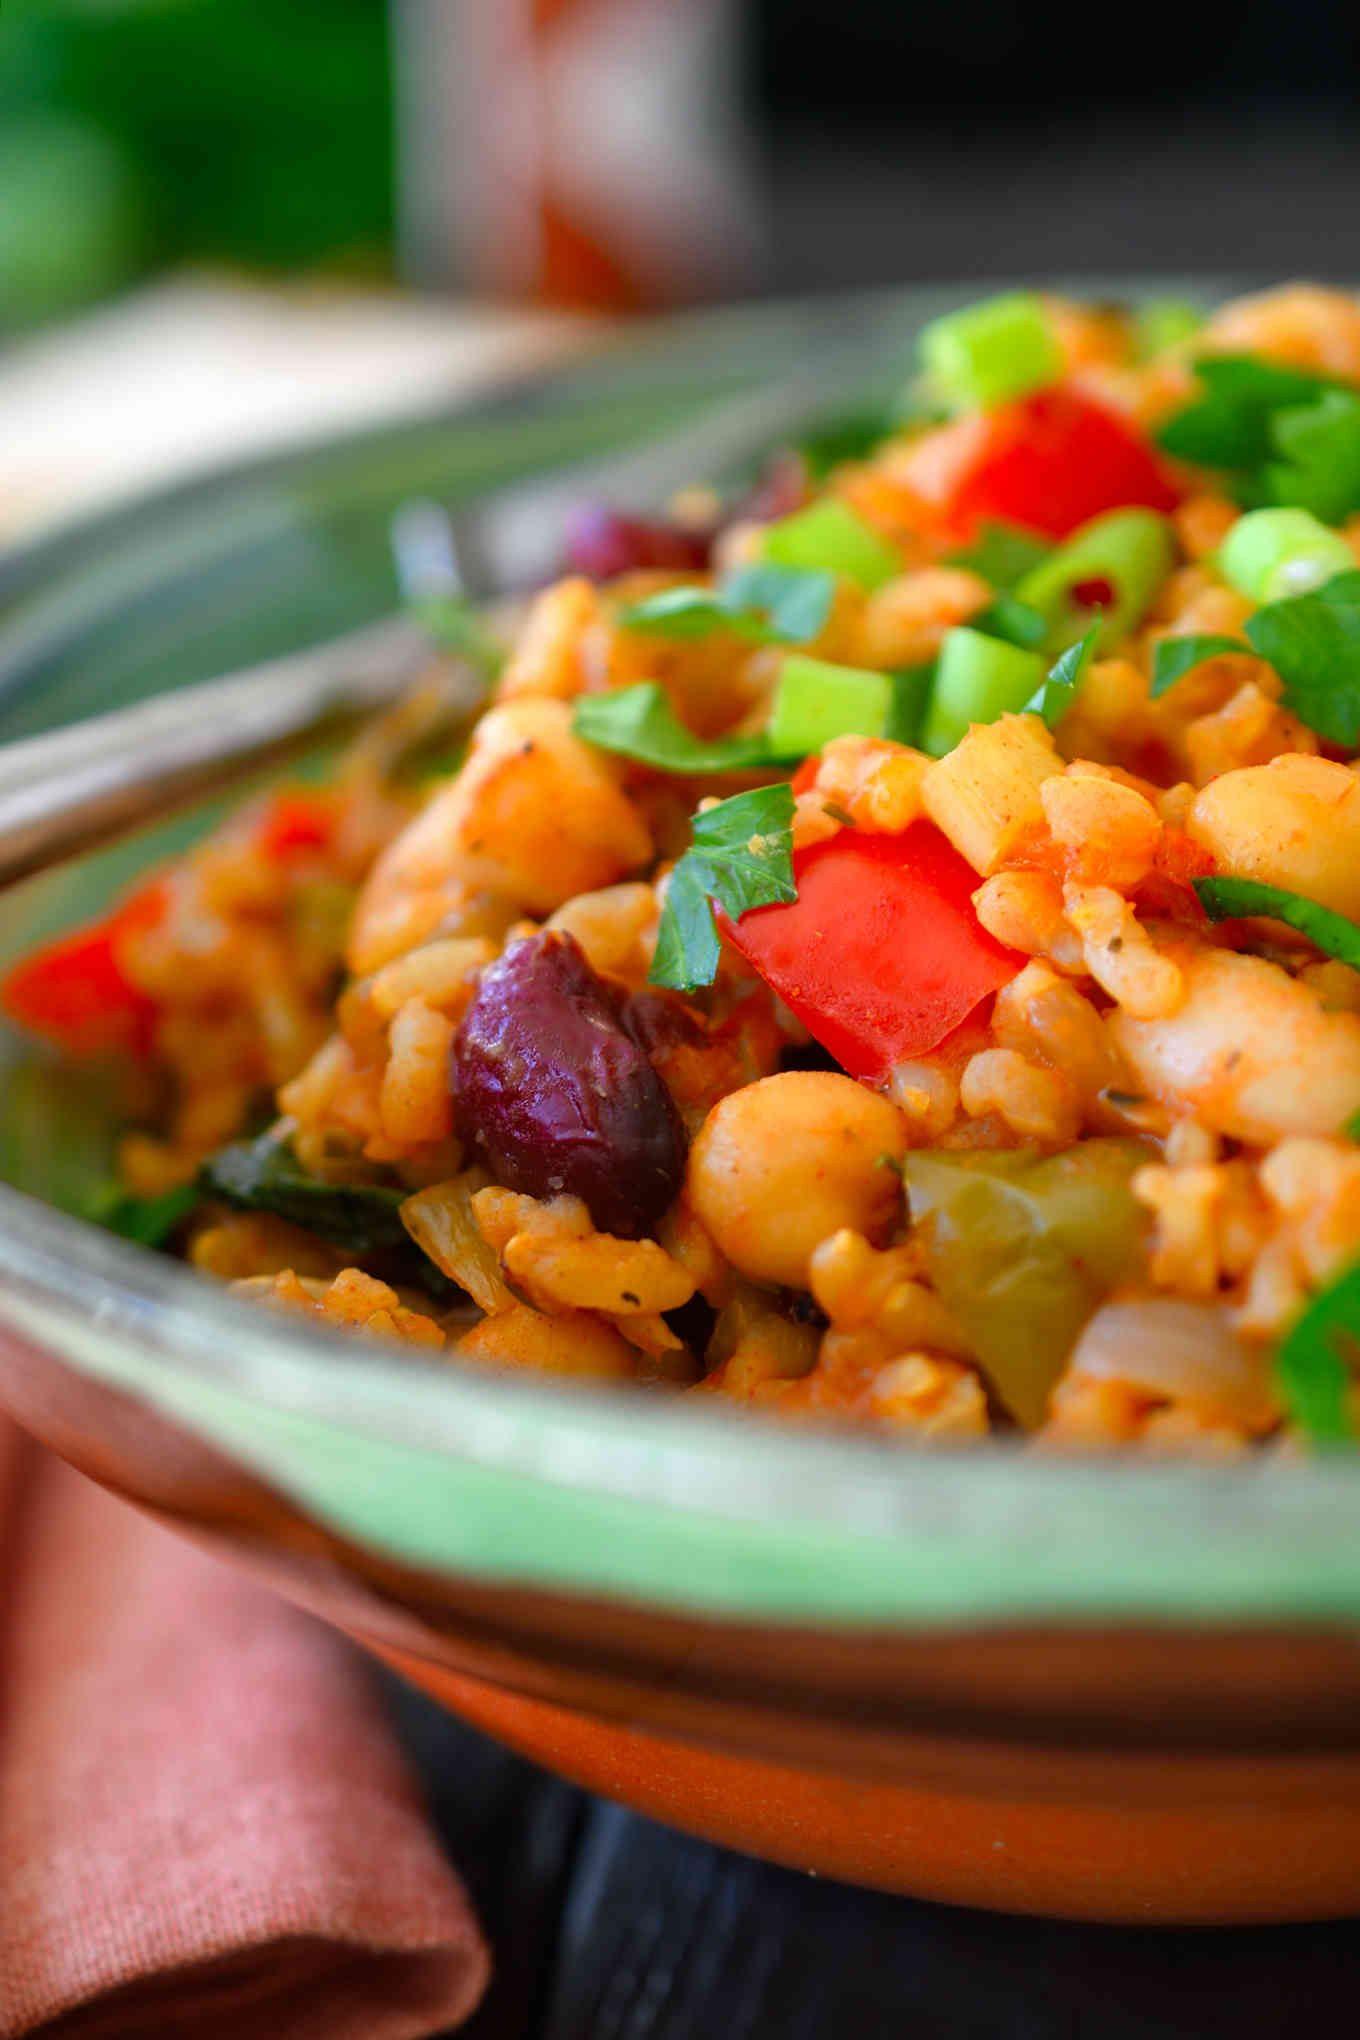 Esta receta de jambalaya vegetariana es muy sencilla de hacer con ingredientes fáciles de encontrar en cualquier cocina. Arroz con tomate sazonado con muchas hierbas y especias y mezclado con apio, pimientos y una selección de alubias para hacer un plato vegano sustancioso y reconfortante.